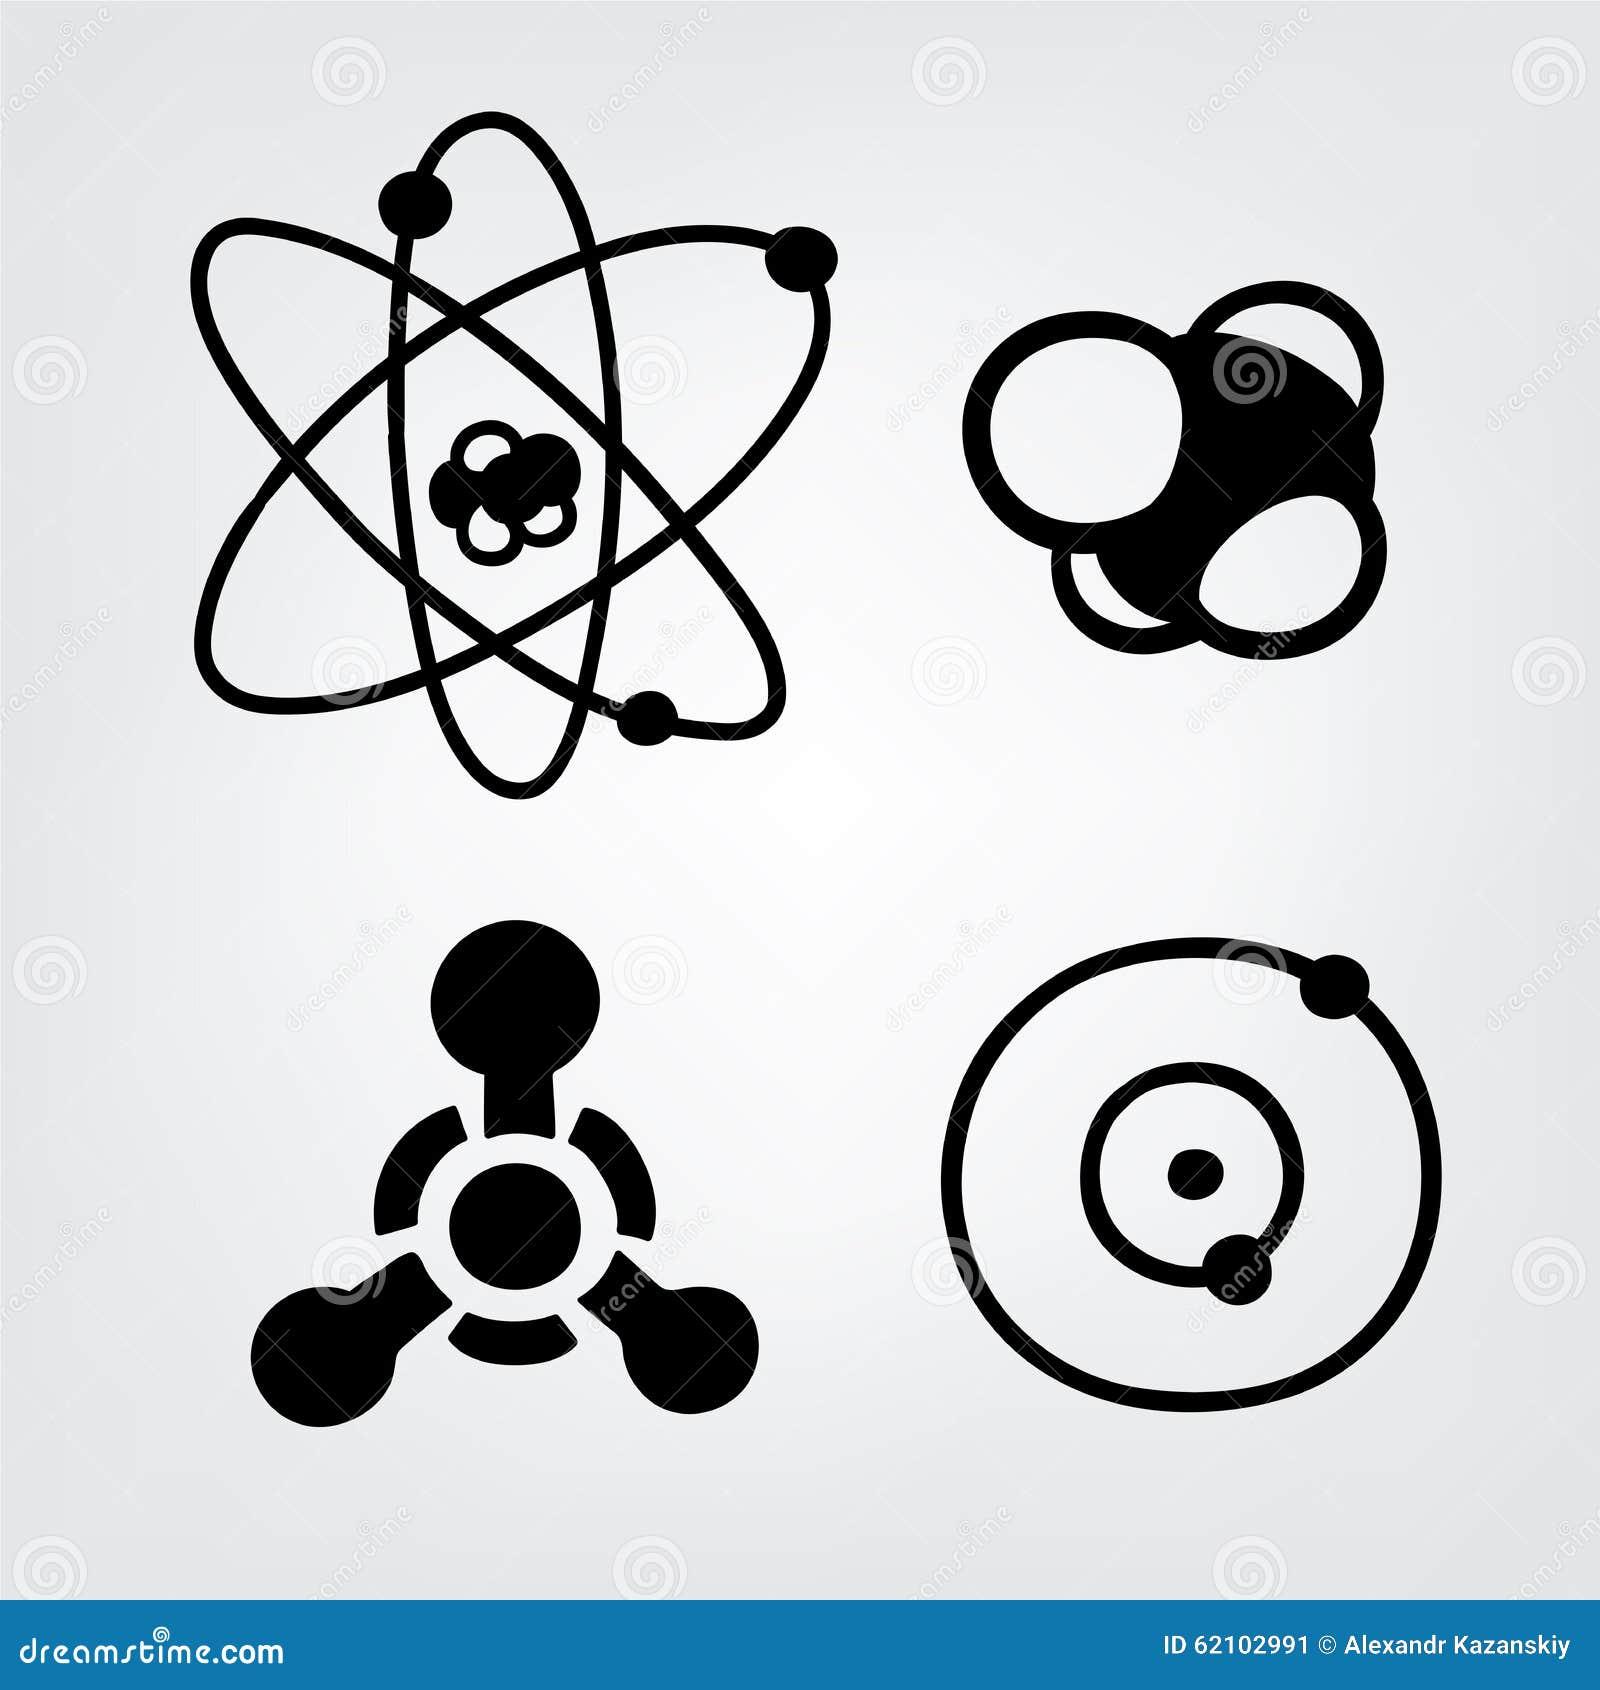 物理标志图片